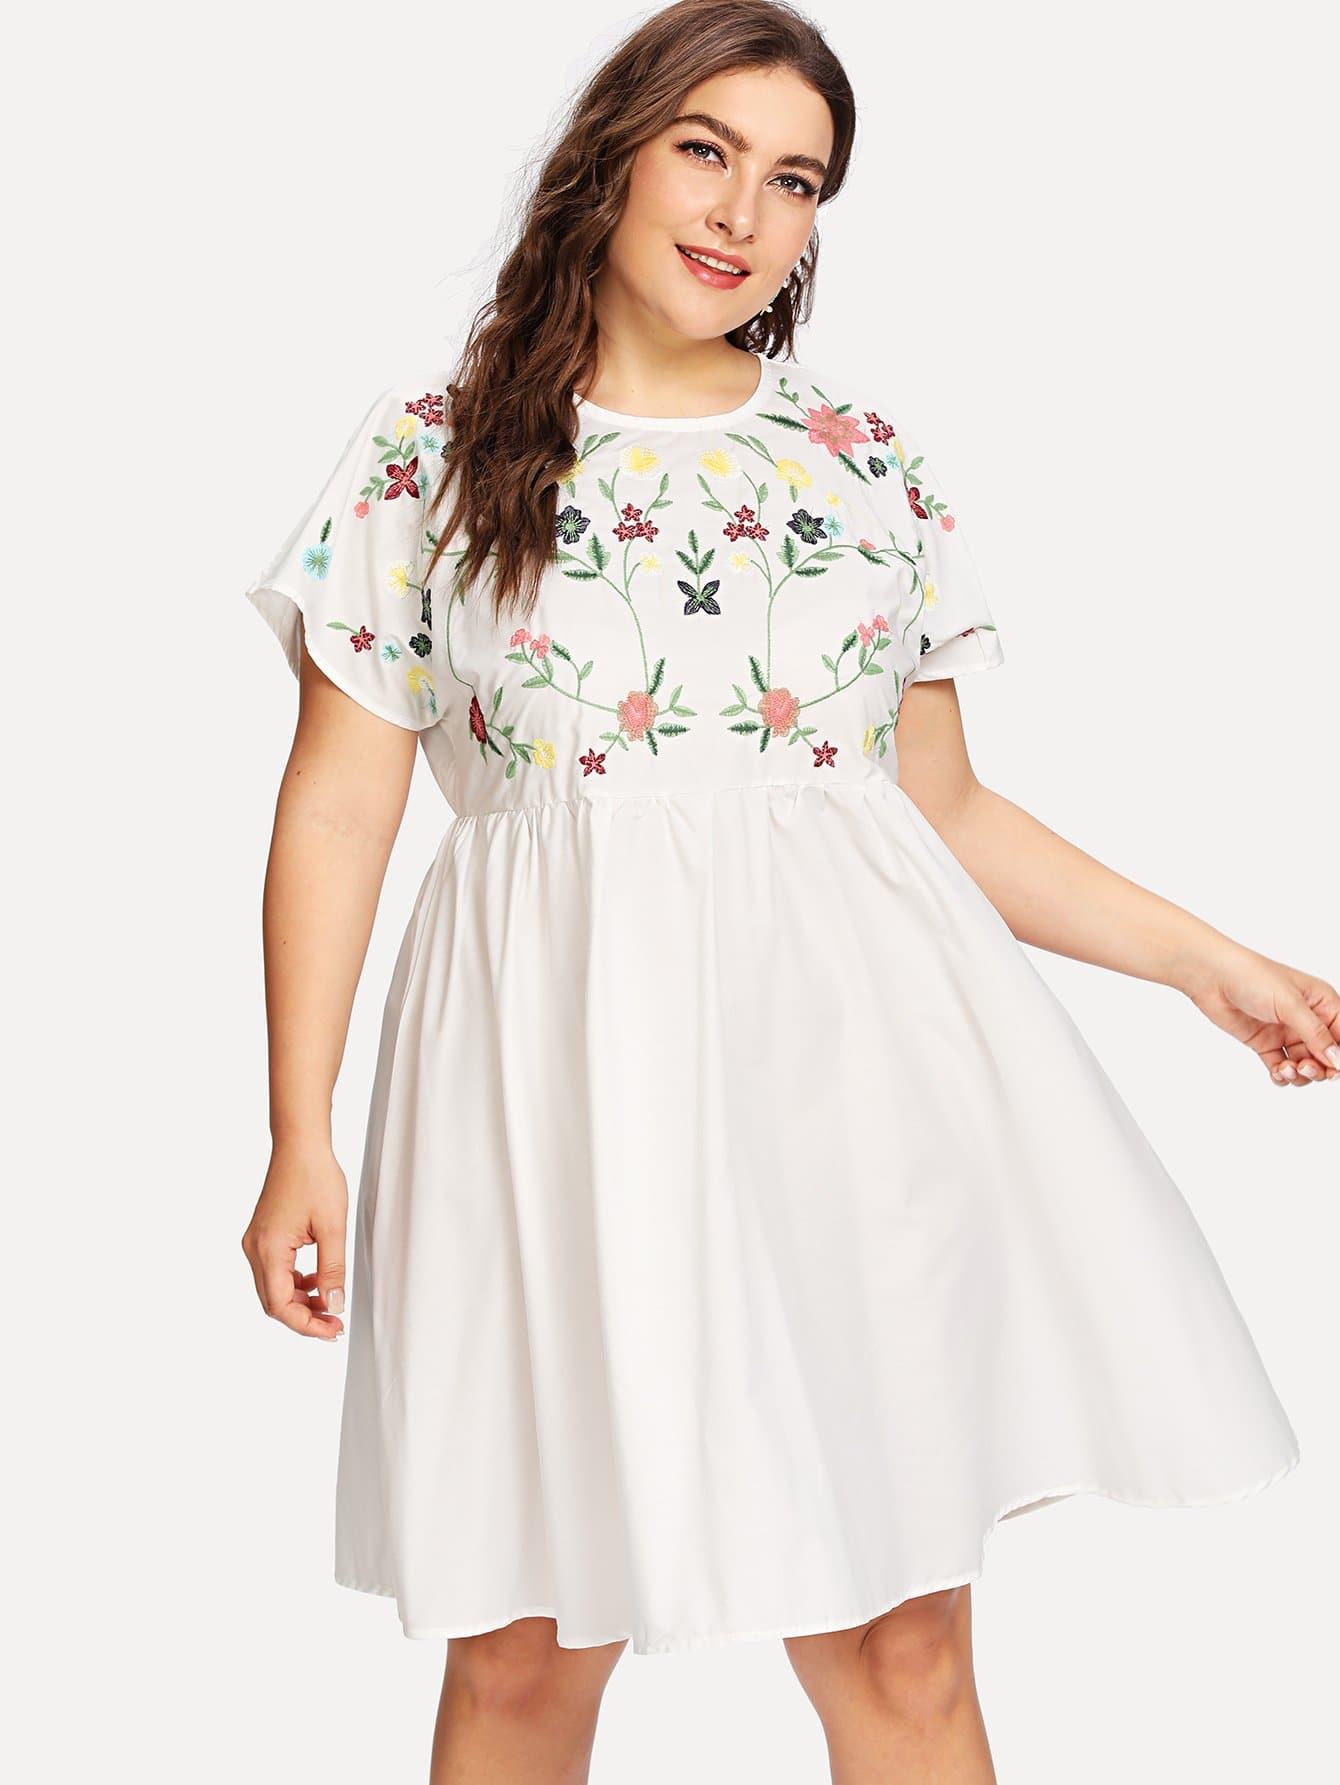 Платье с вышивкой цветы и широкими рукавами, Franziska, SheIn  - купить со скидкой